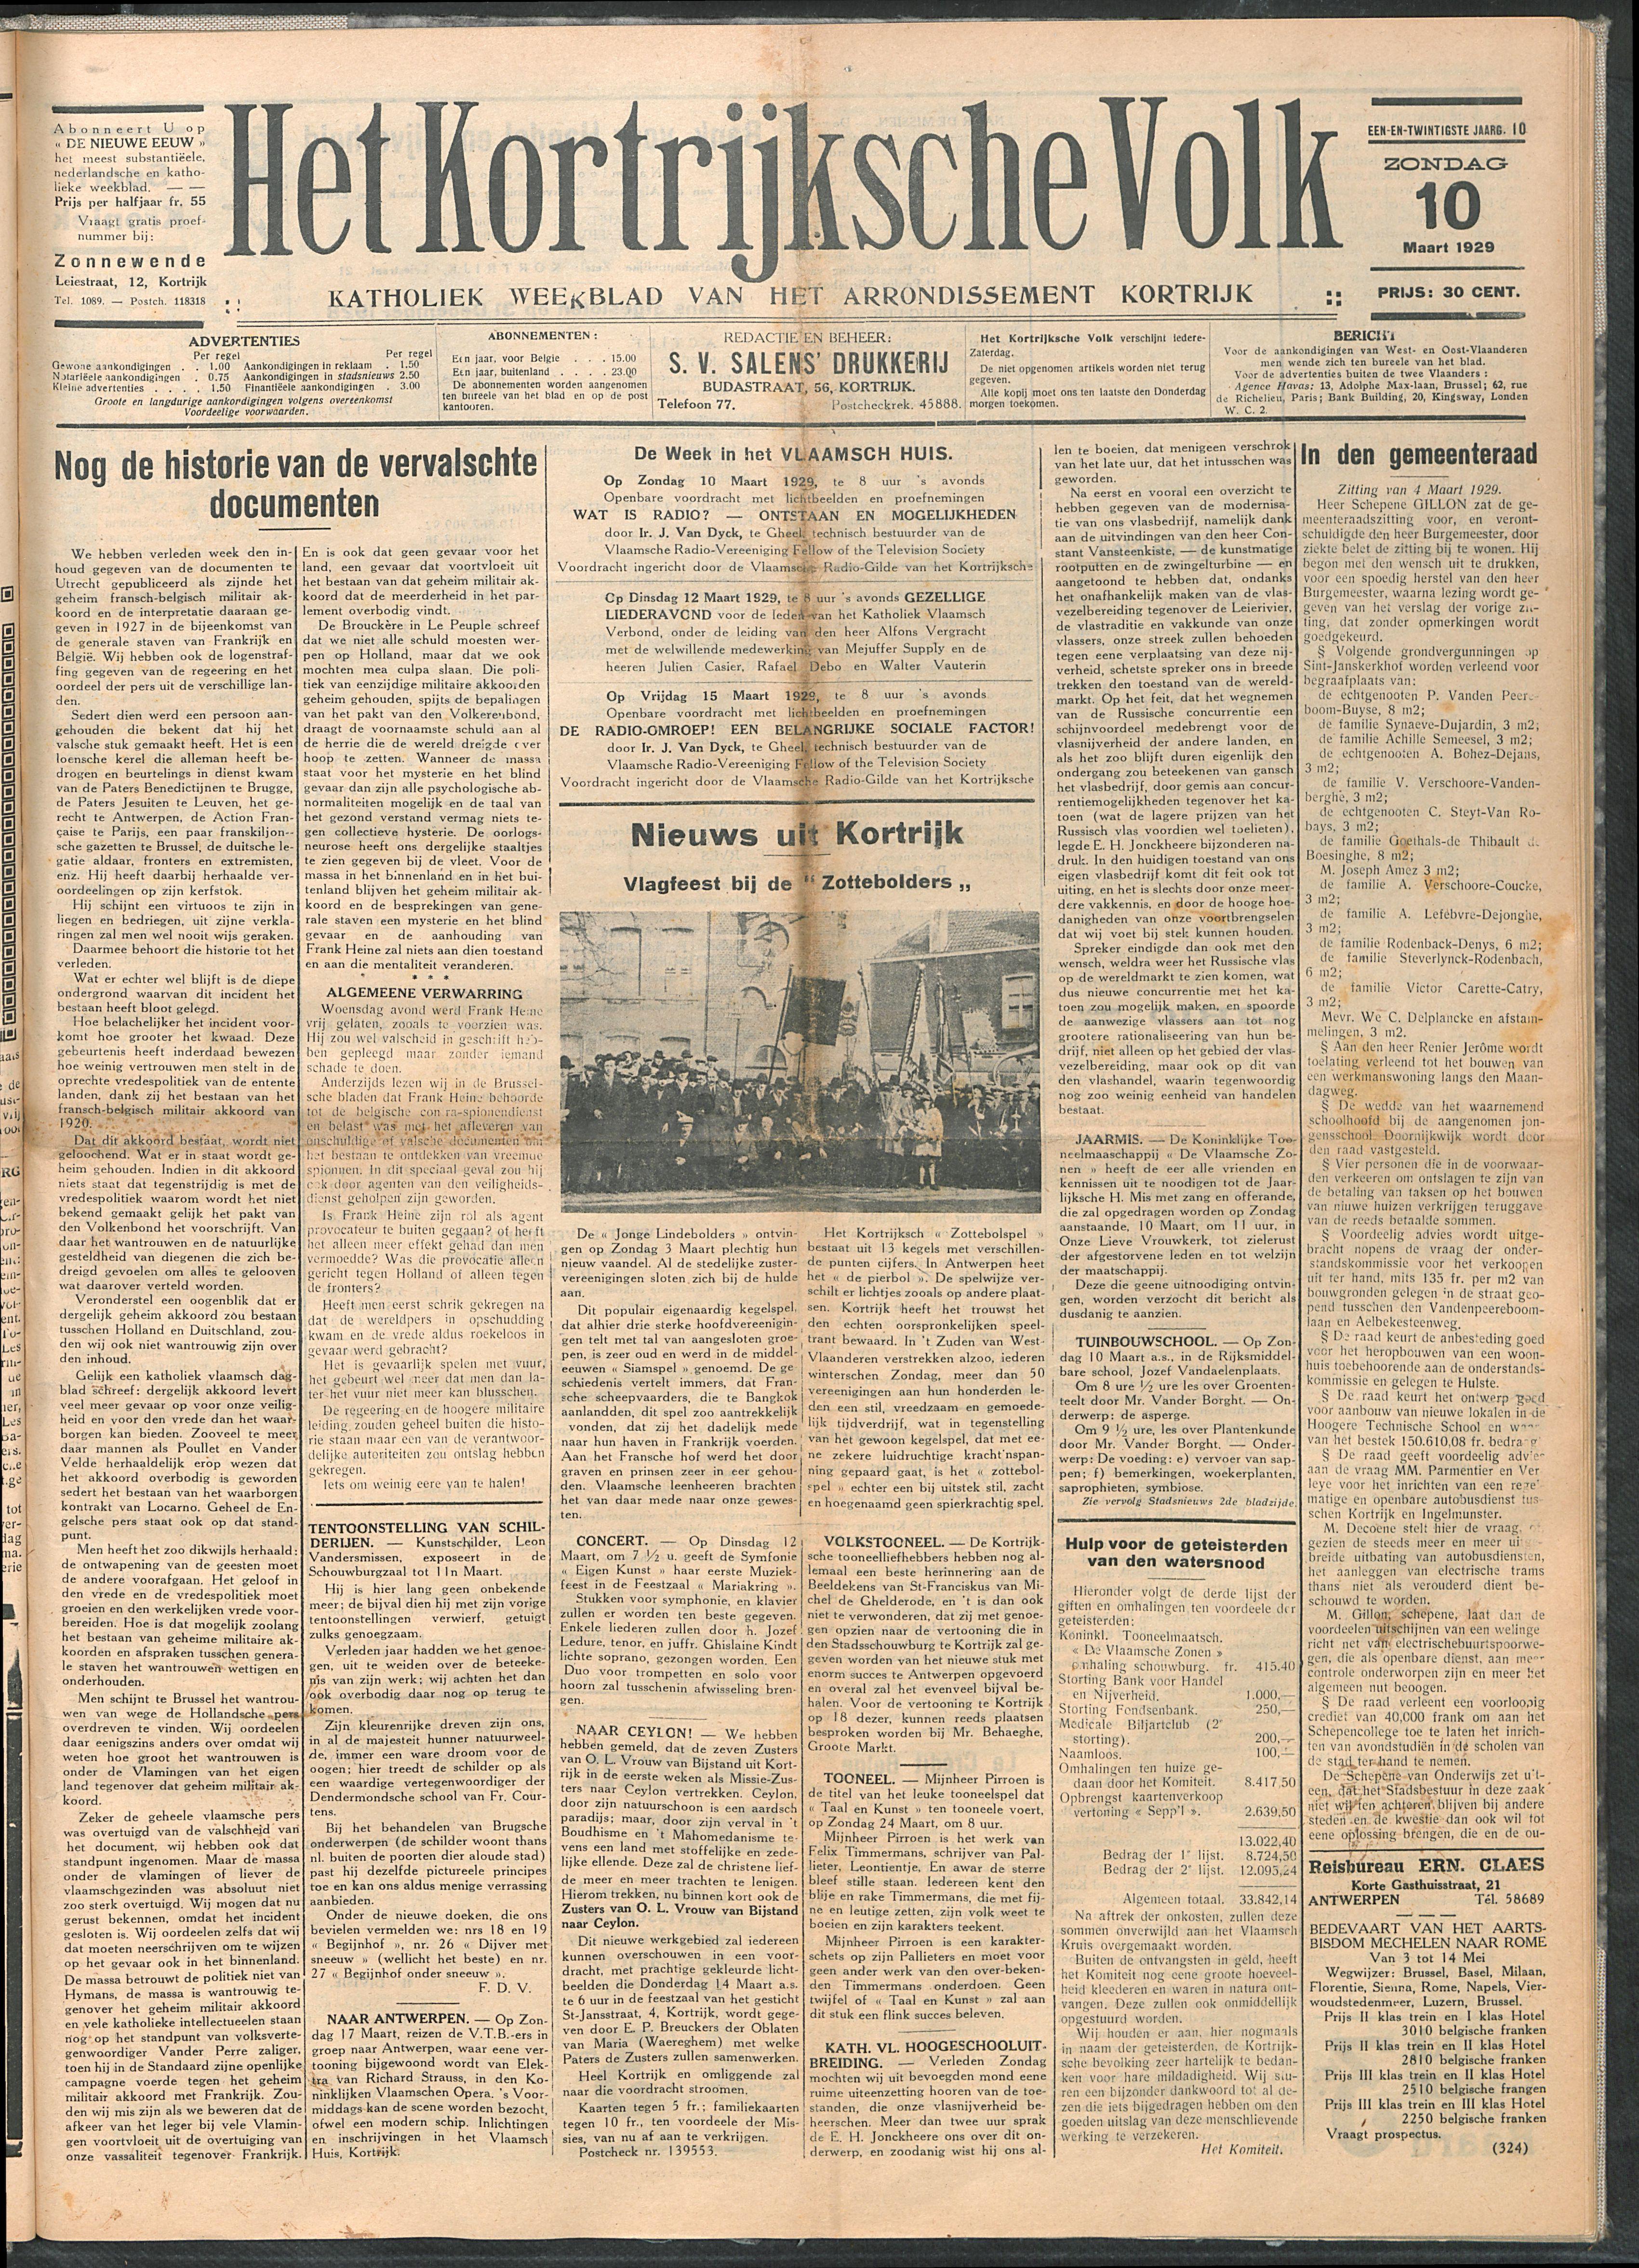 Het Kortrijksche Volk 1929-03-10 p1